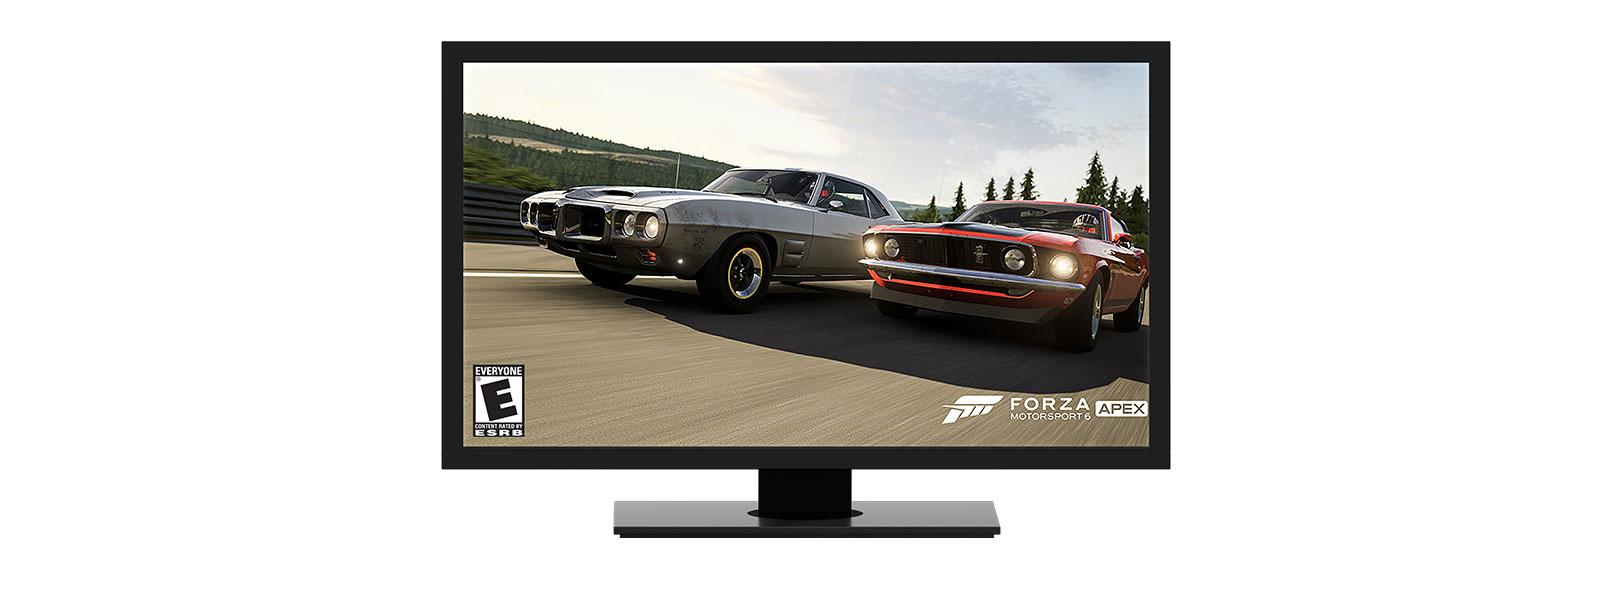 Windows 桌上型電腦上的 Forza 遊戲